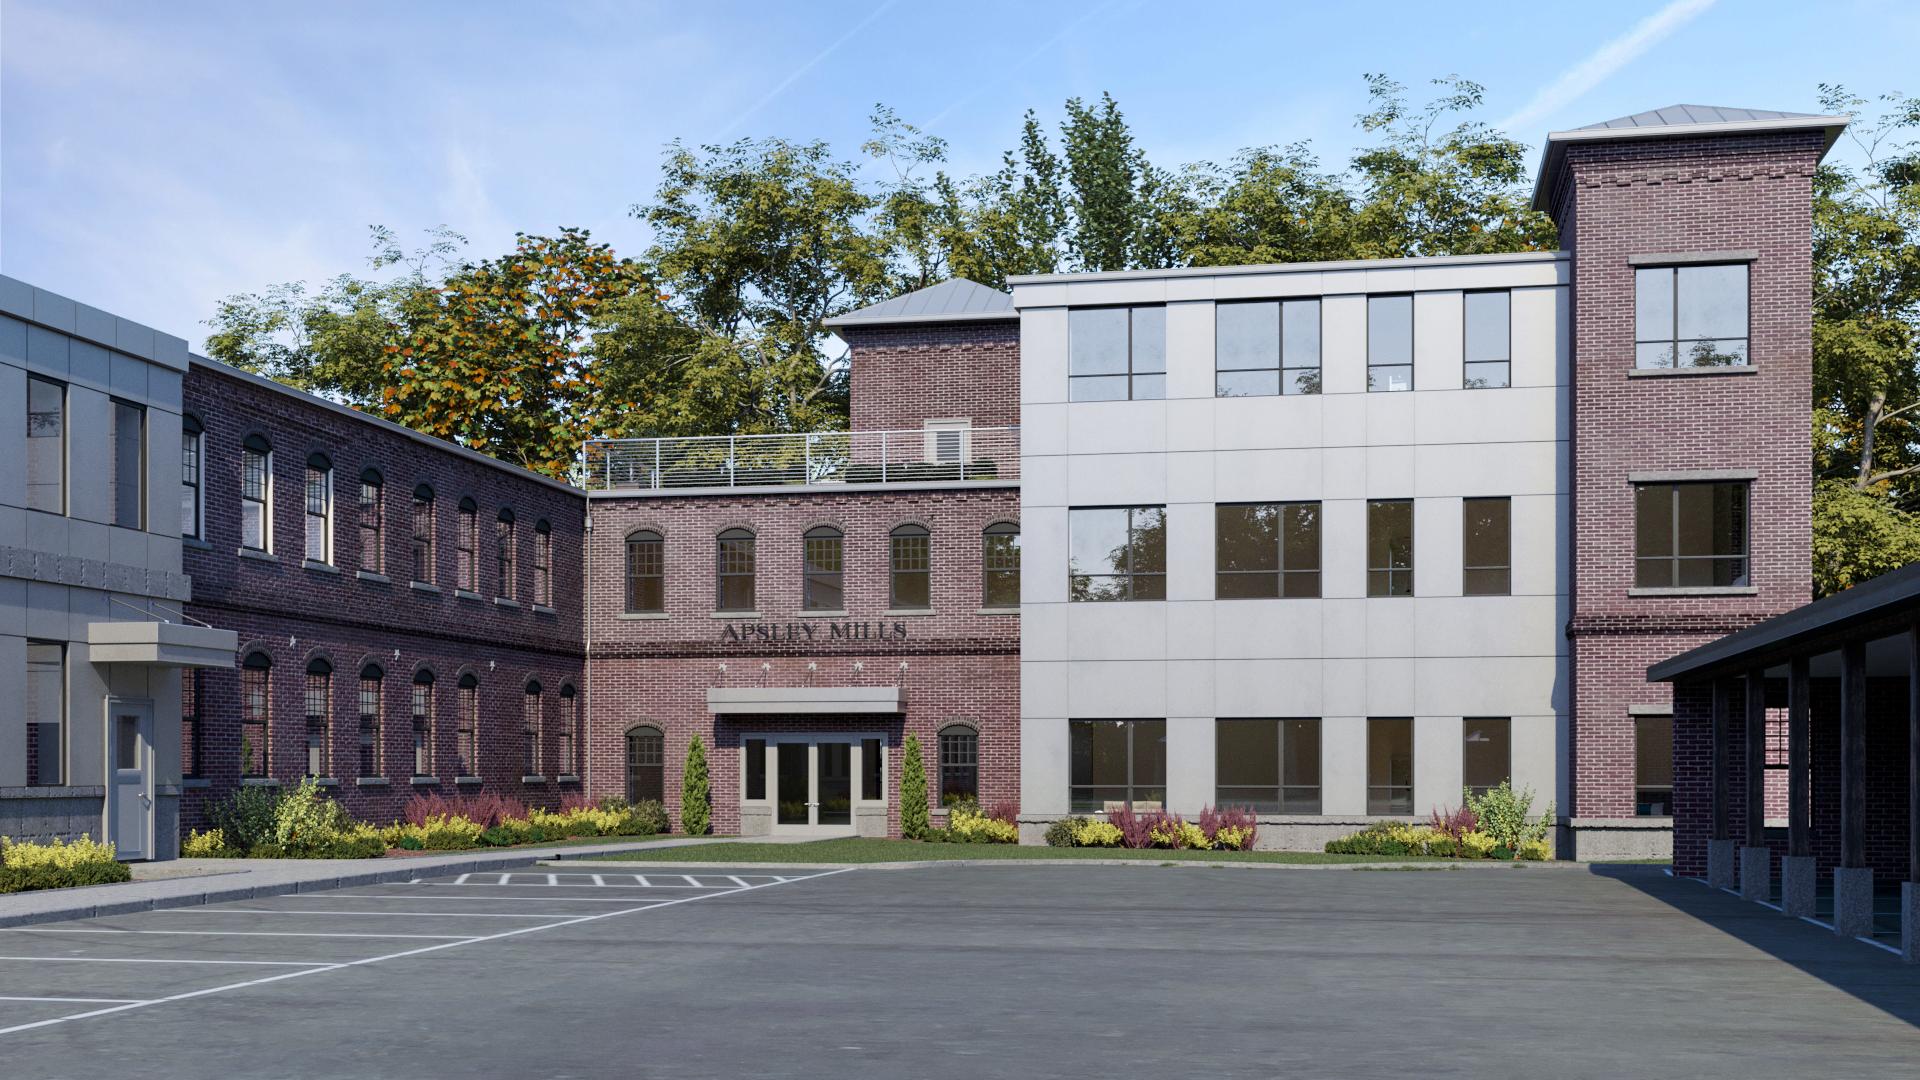 Apsley Mills& Howe Development Corp